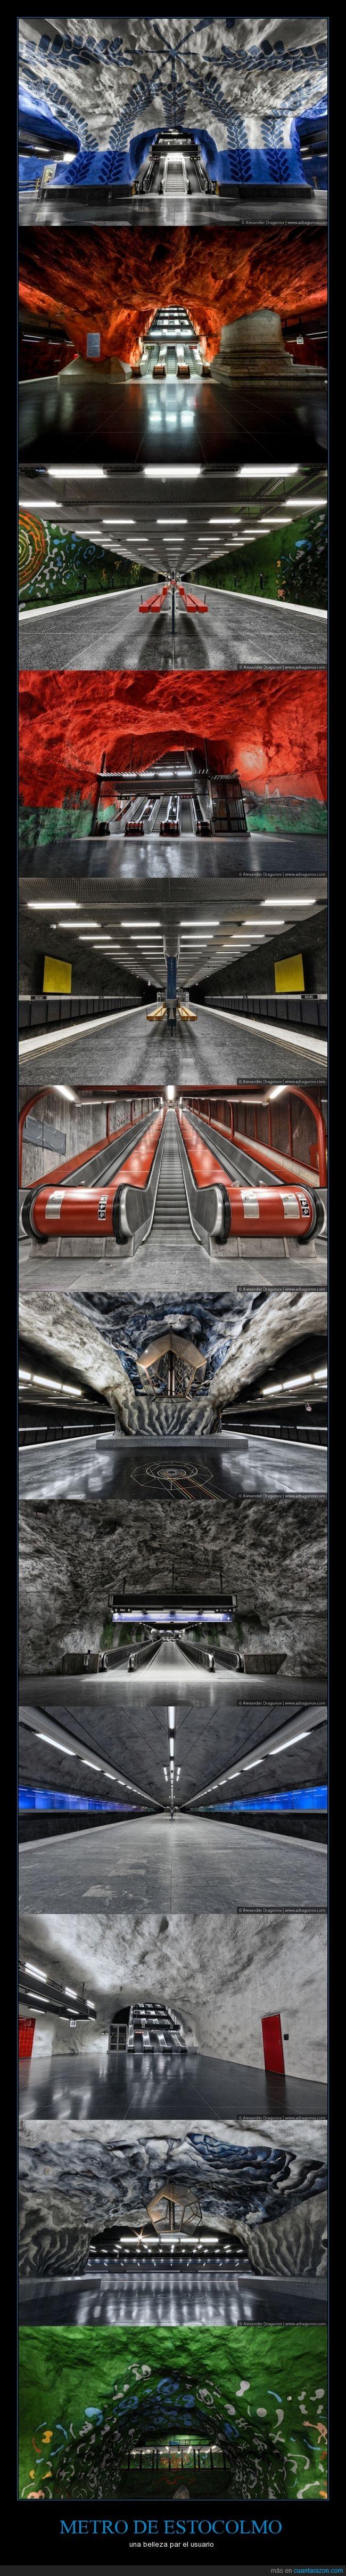 arte,Estocolmo,Metro,país,subterraneo